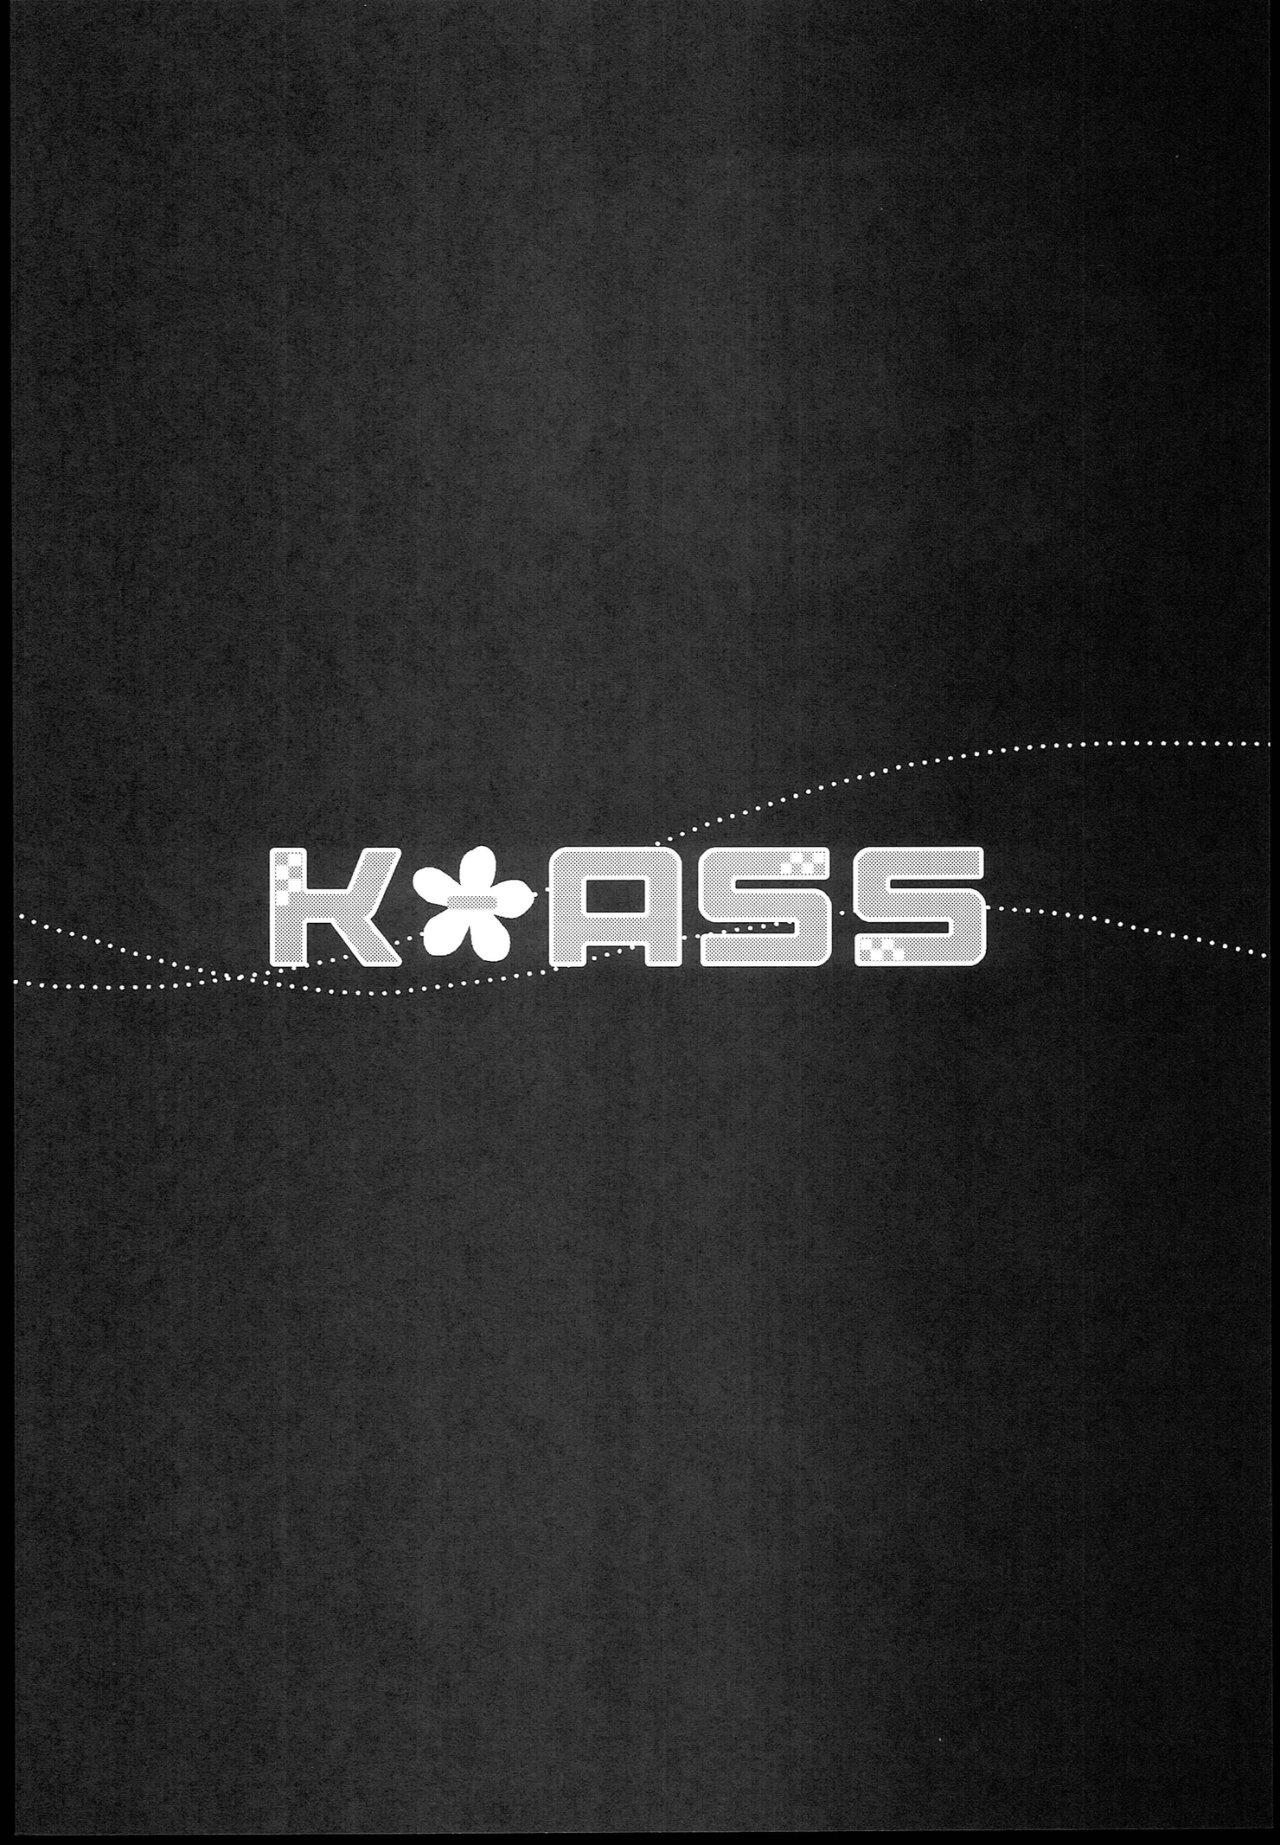 K-ASS - 2